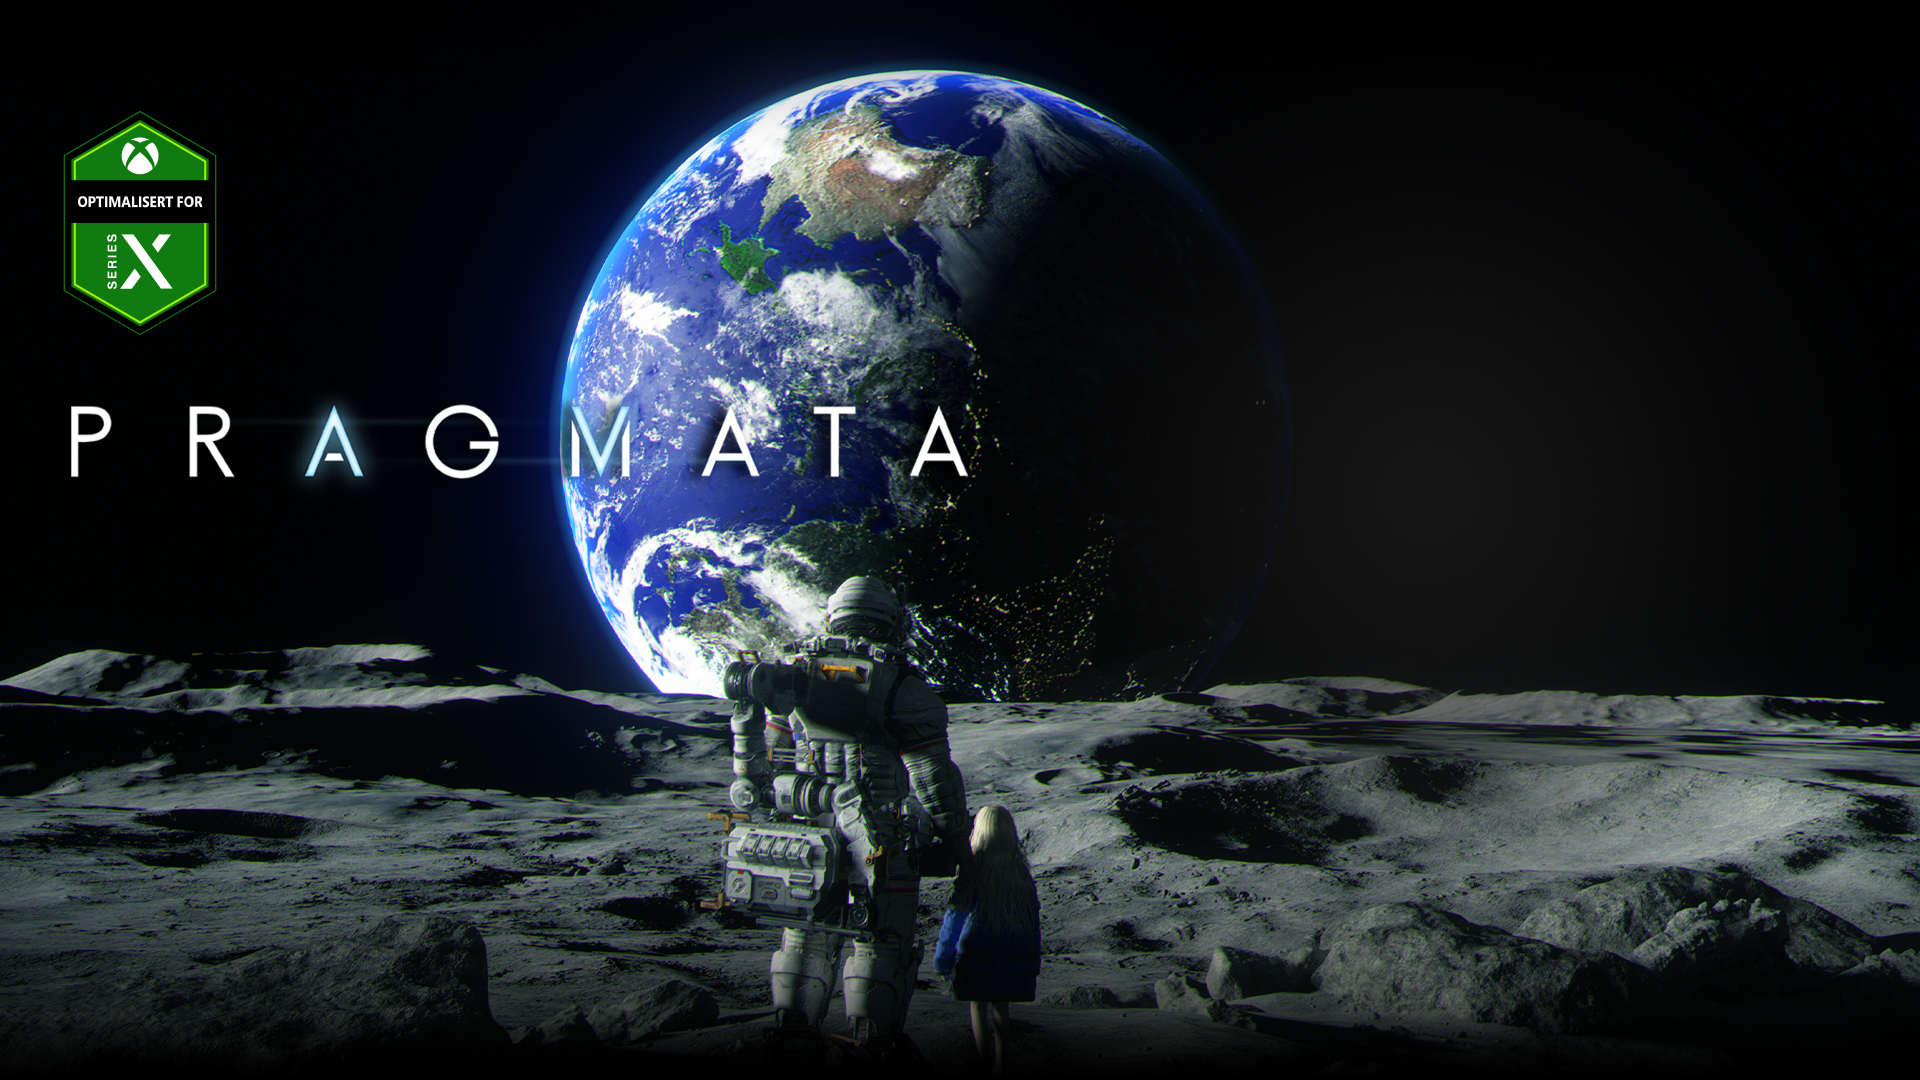 Optimalisert for Xbox Series X-logo, Pragmata, en astronaut og en ung jente som ser på jorden mens de står sammen på månen